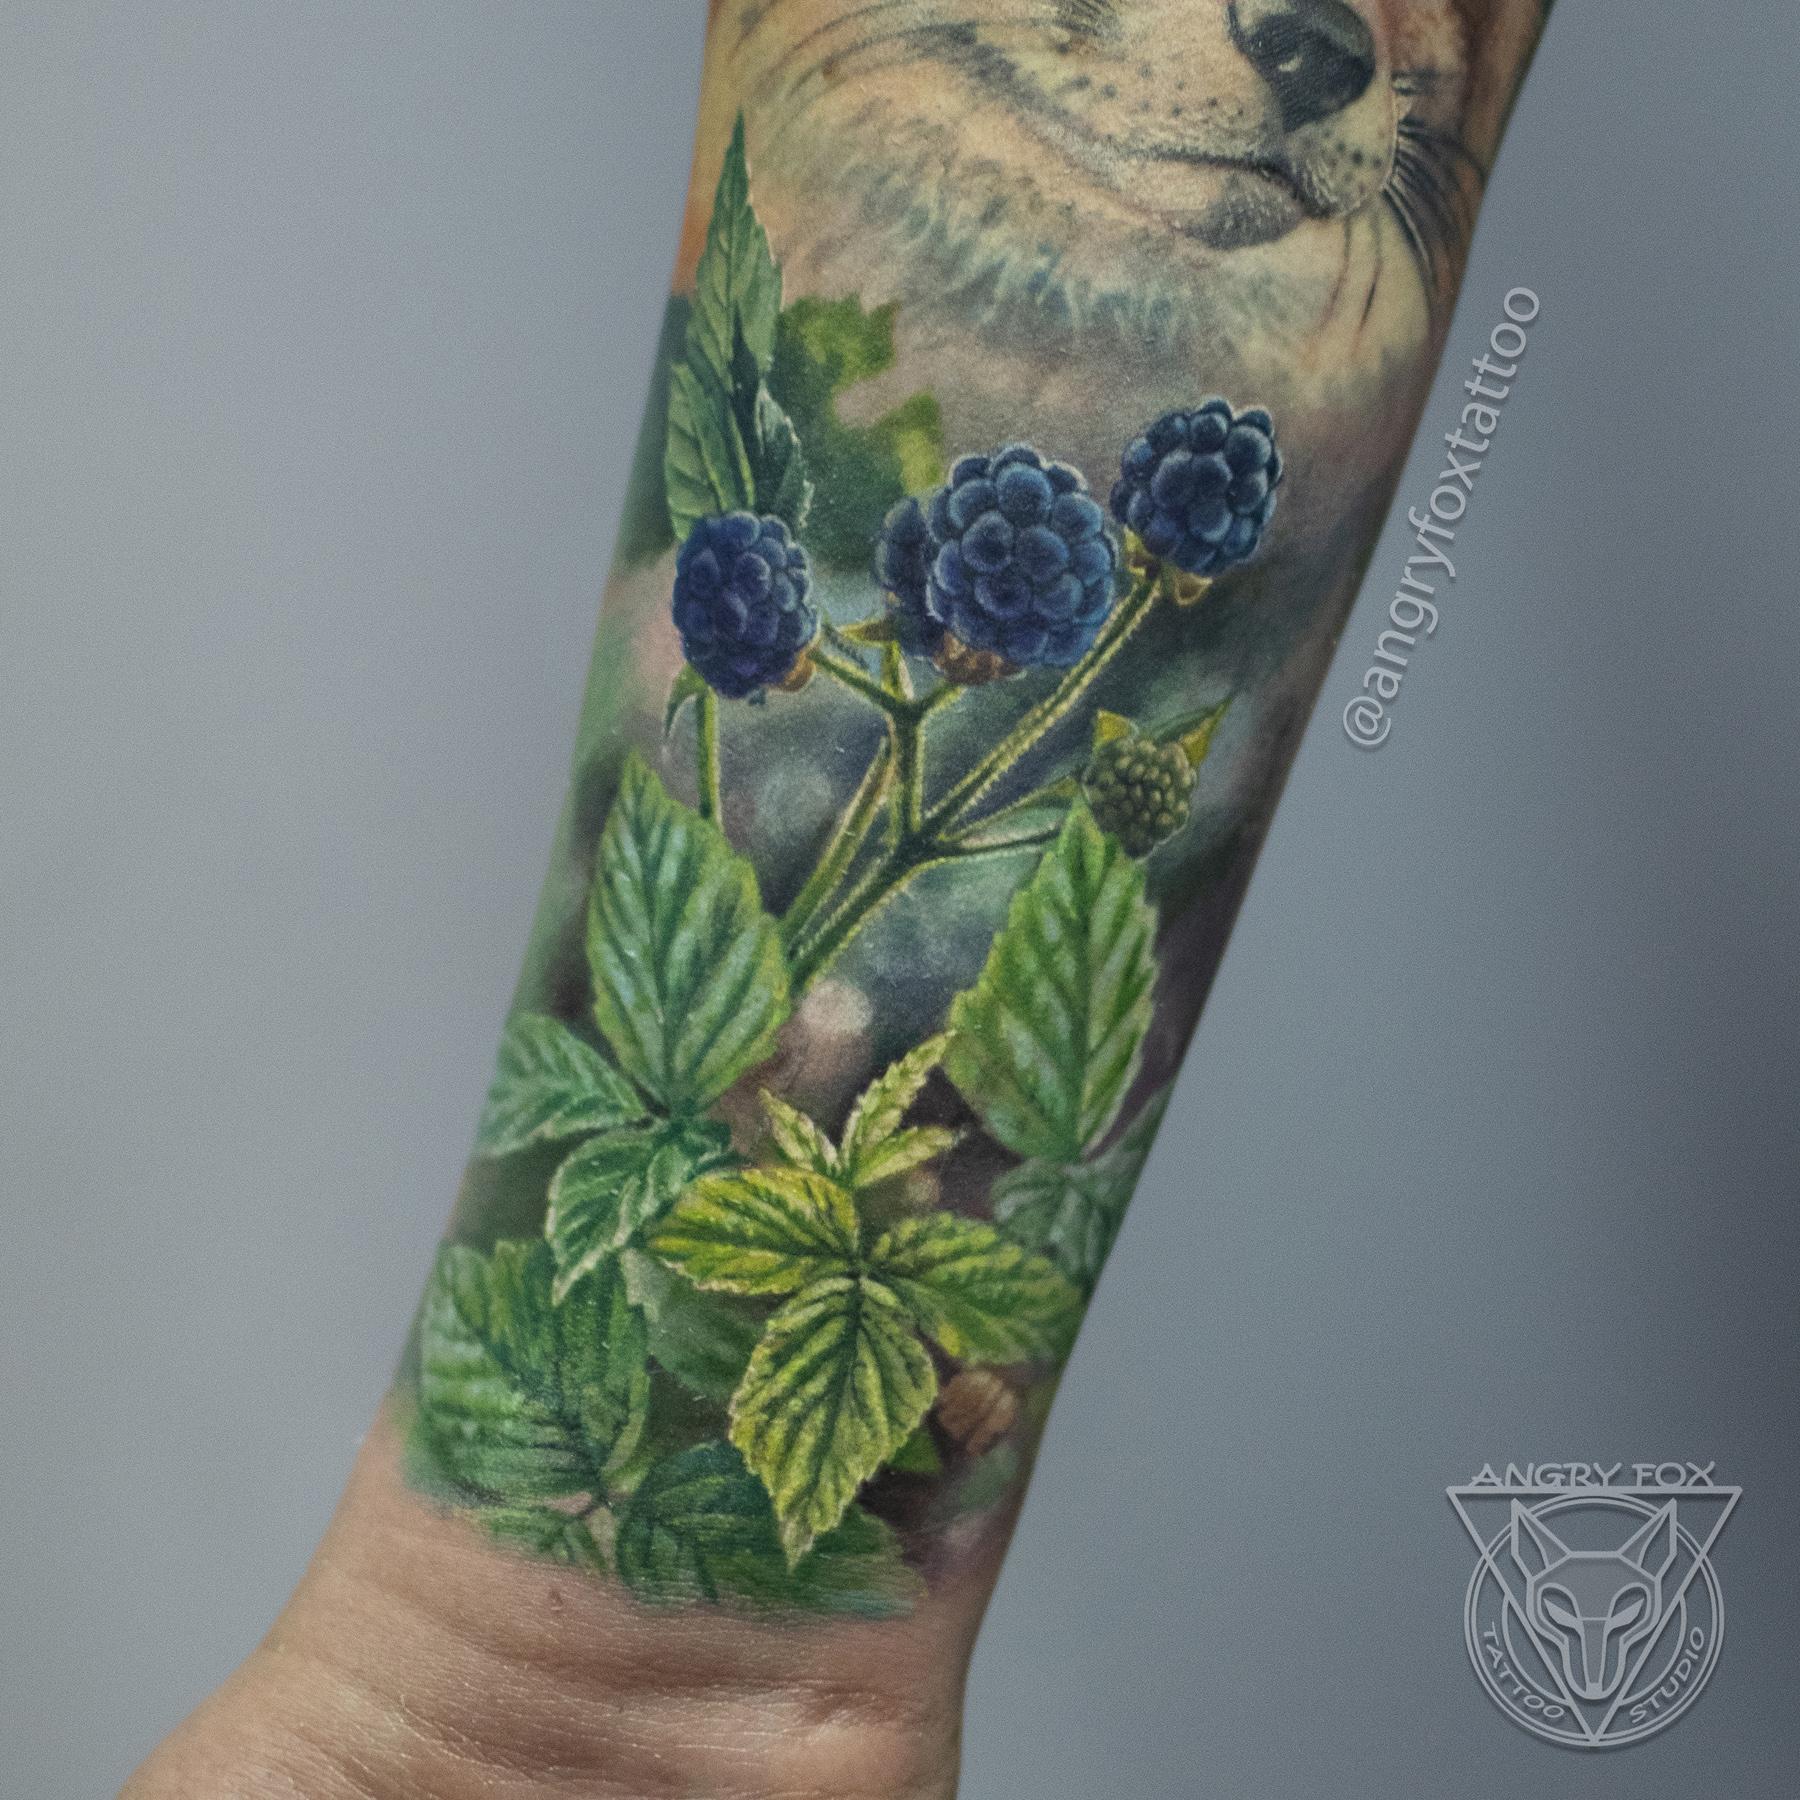 Татуировка, тату, рука, предплечье, листья, ягоды, ежевика, лиса, реализм